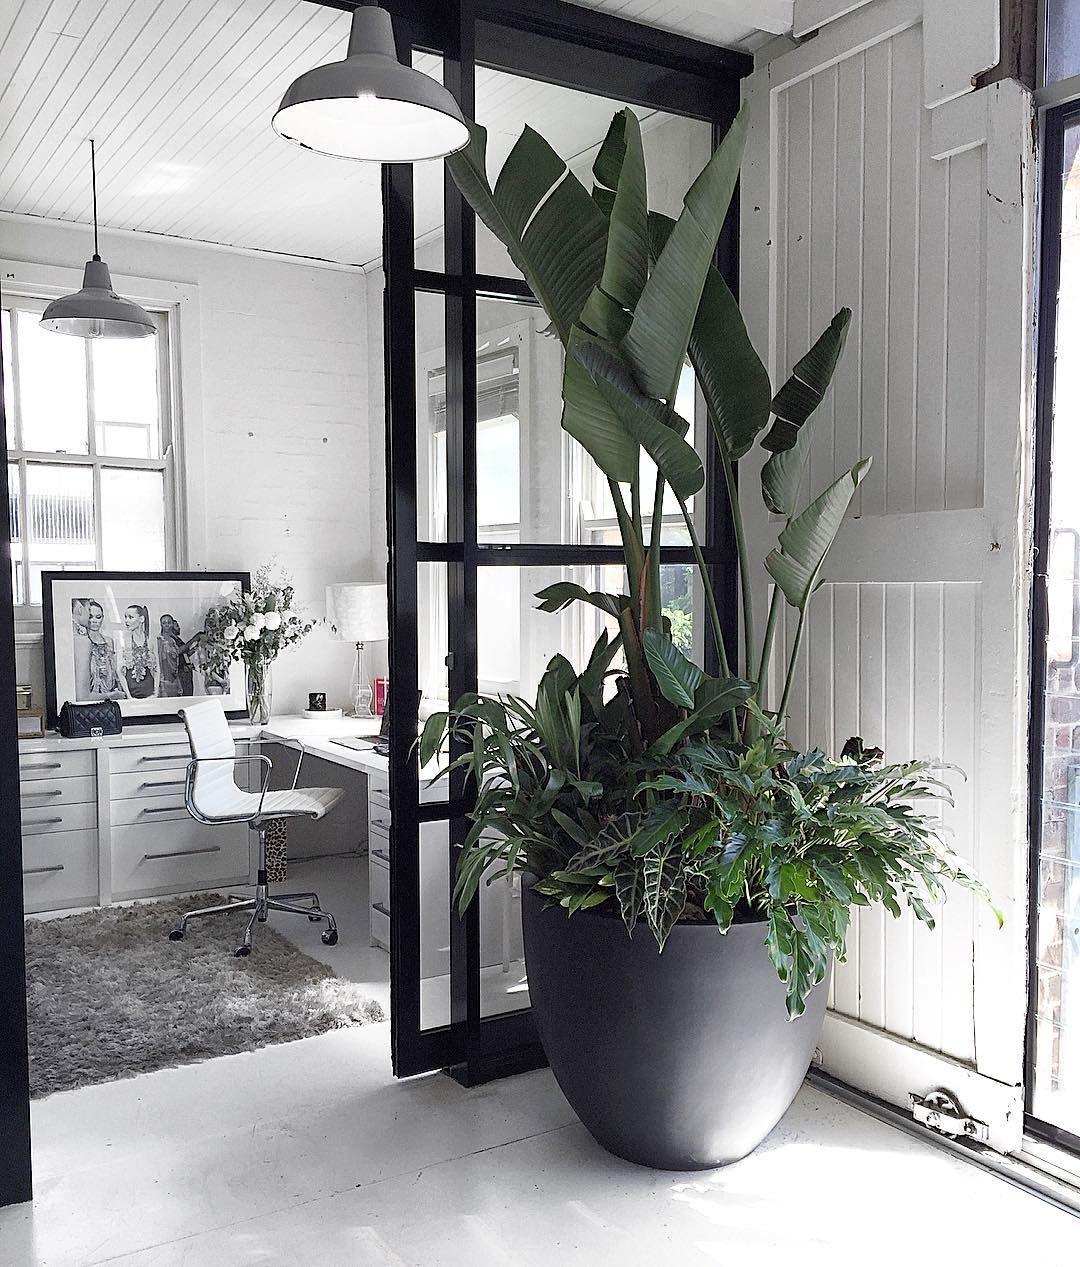 pin von ds print shop auf jewelry pinterest zimmerpflanzen pflanzenk bel und sitzecke. Black Bedroom Furniture Sets. Home Design Ideas